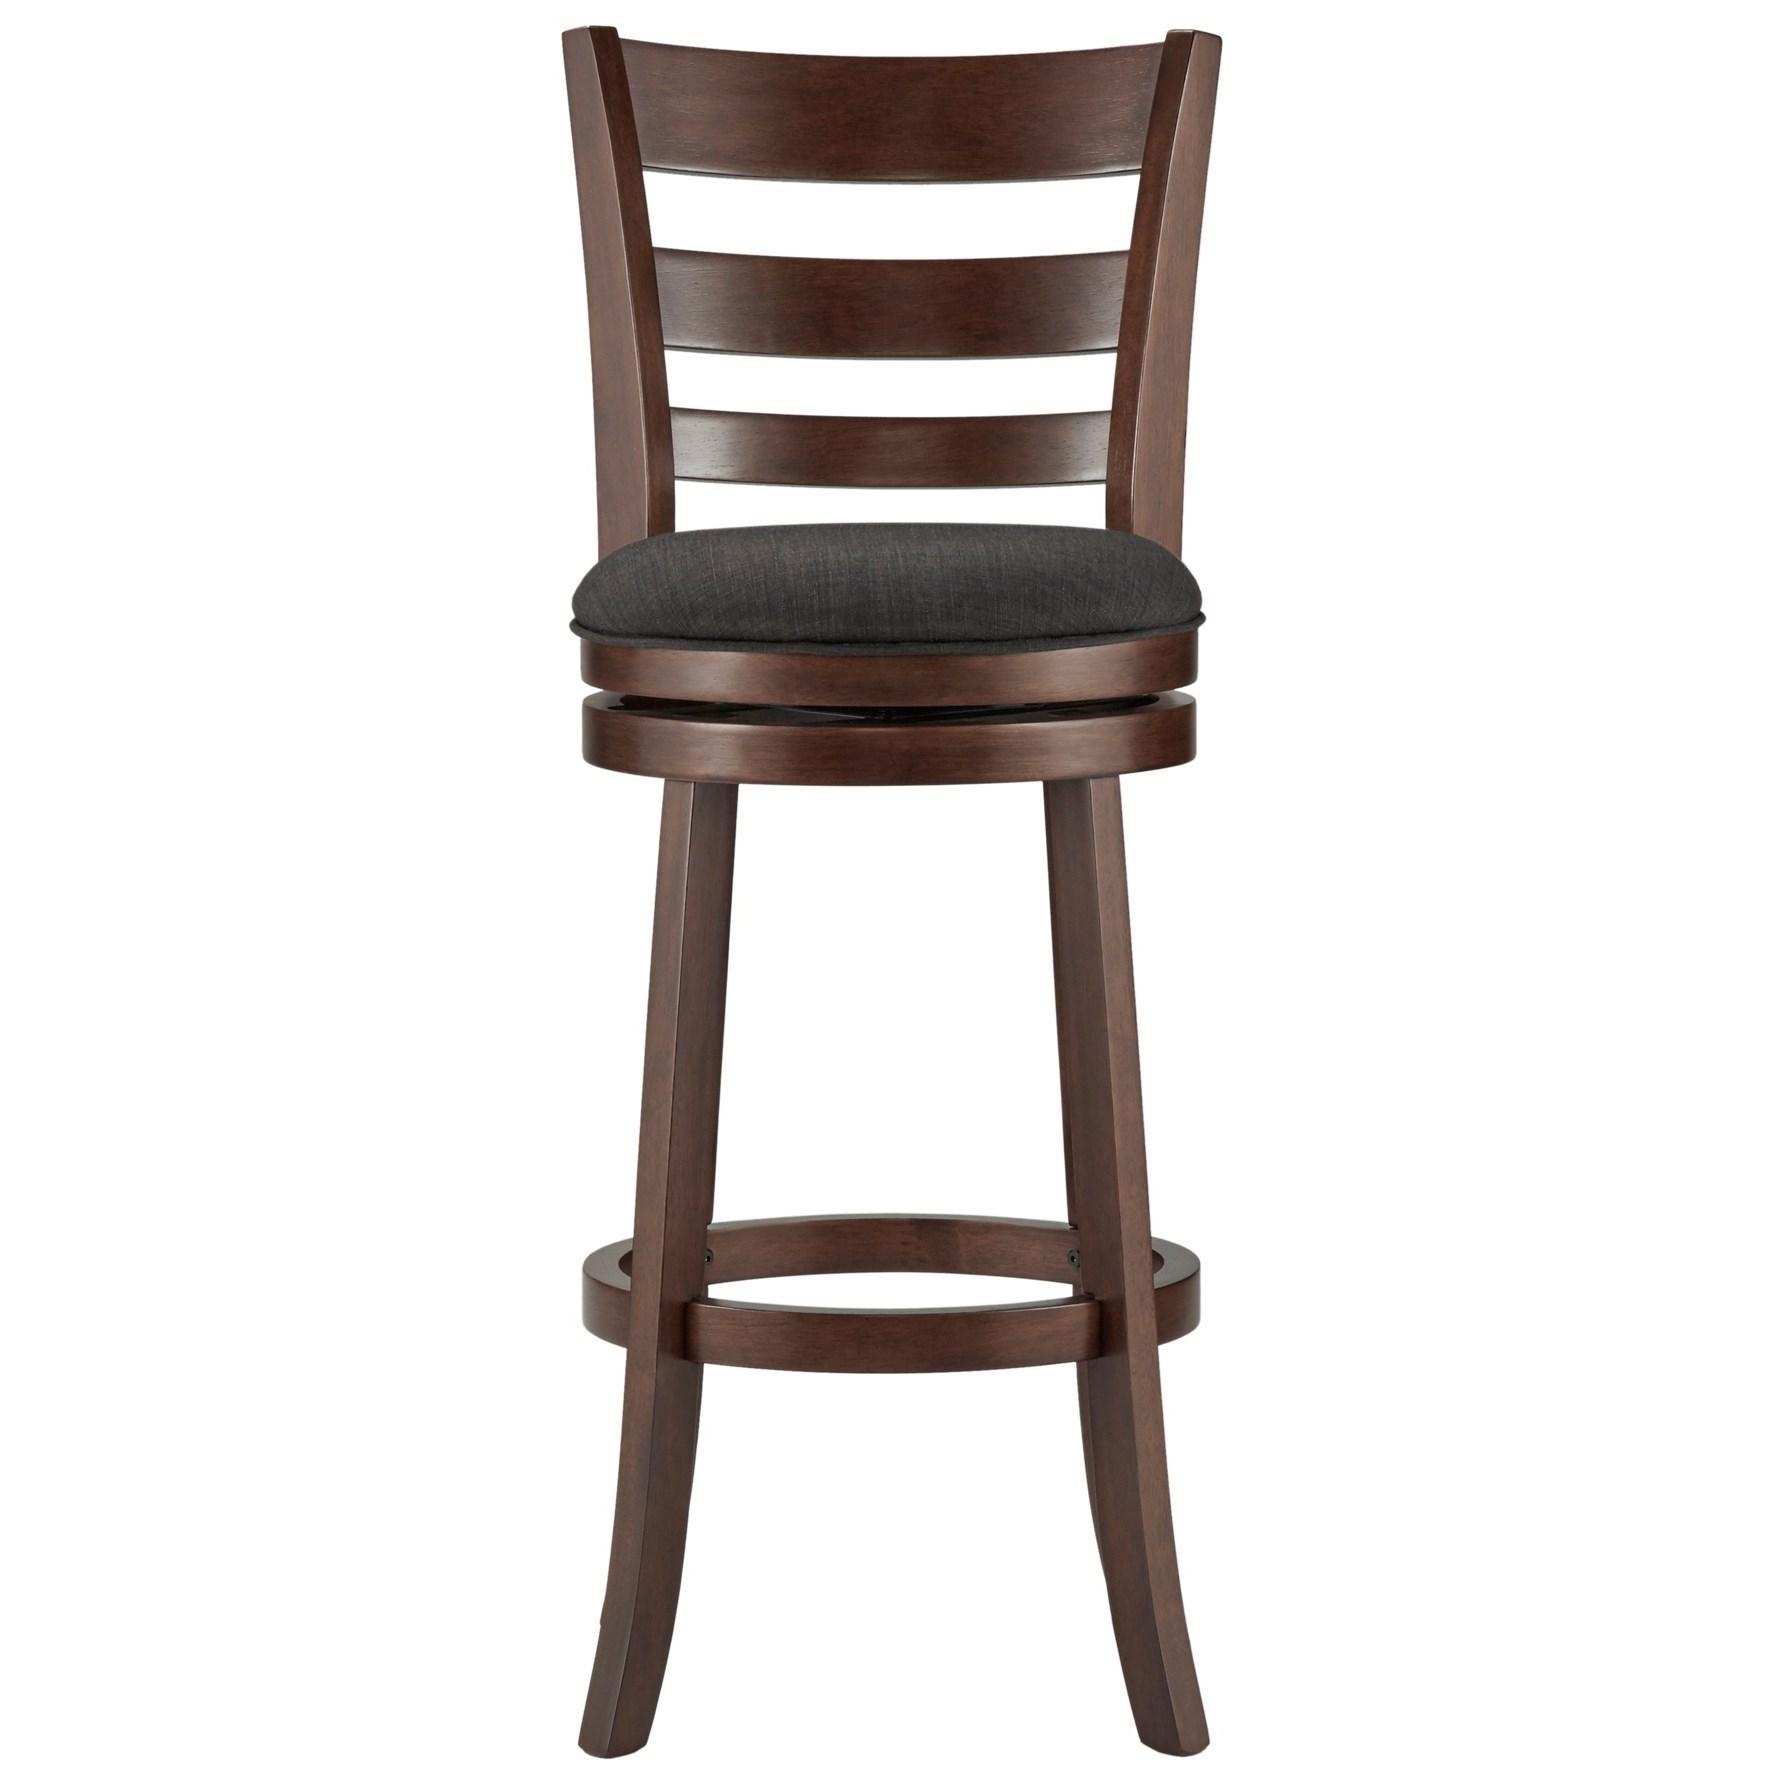 Homelegance Edmond Bar Height Chair - Item Number: 1144E-29DGL